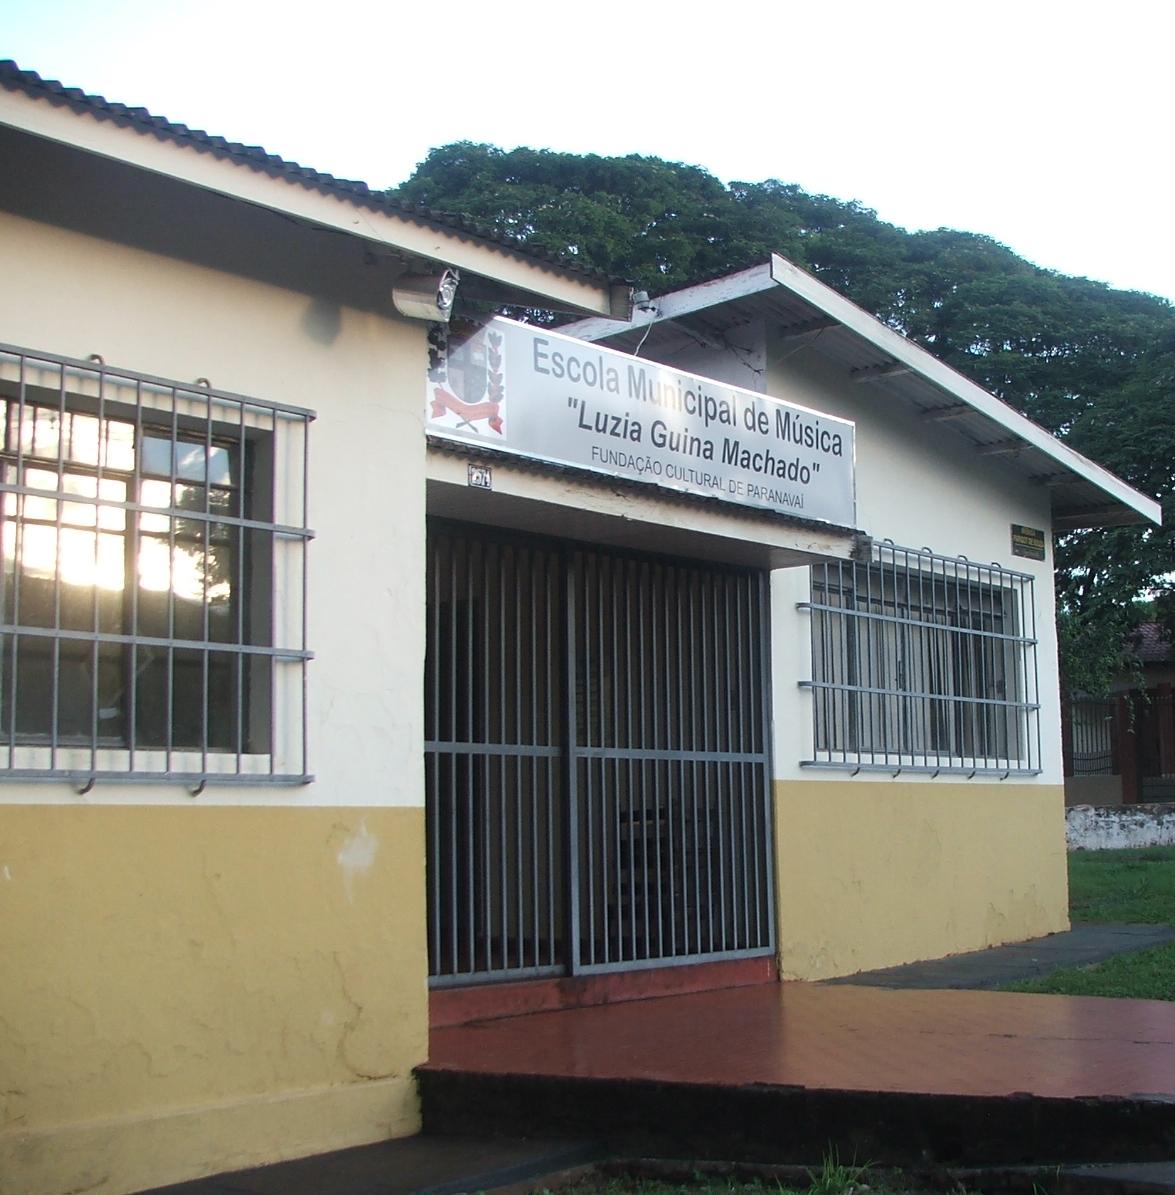 Espaço agora abriga Escola Municipal de Música Luzia Guina Machado (Crédito: David Arioch)